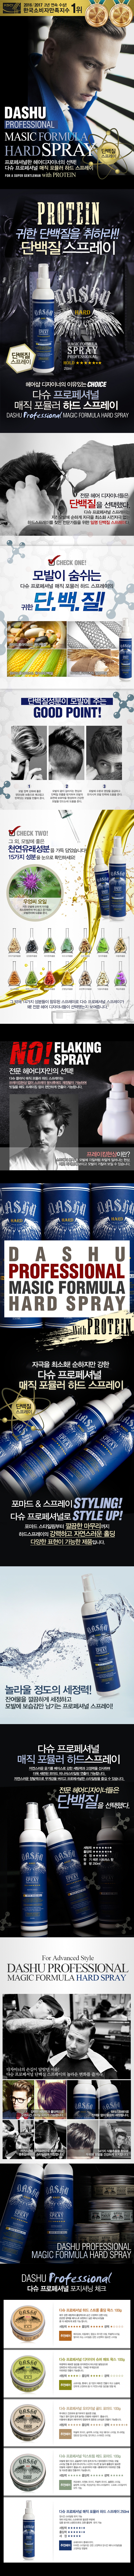 dashu_professional_spray.jpg